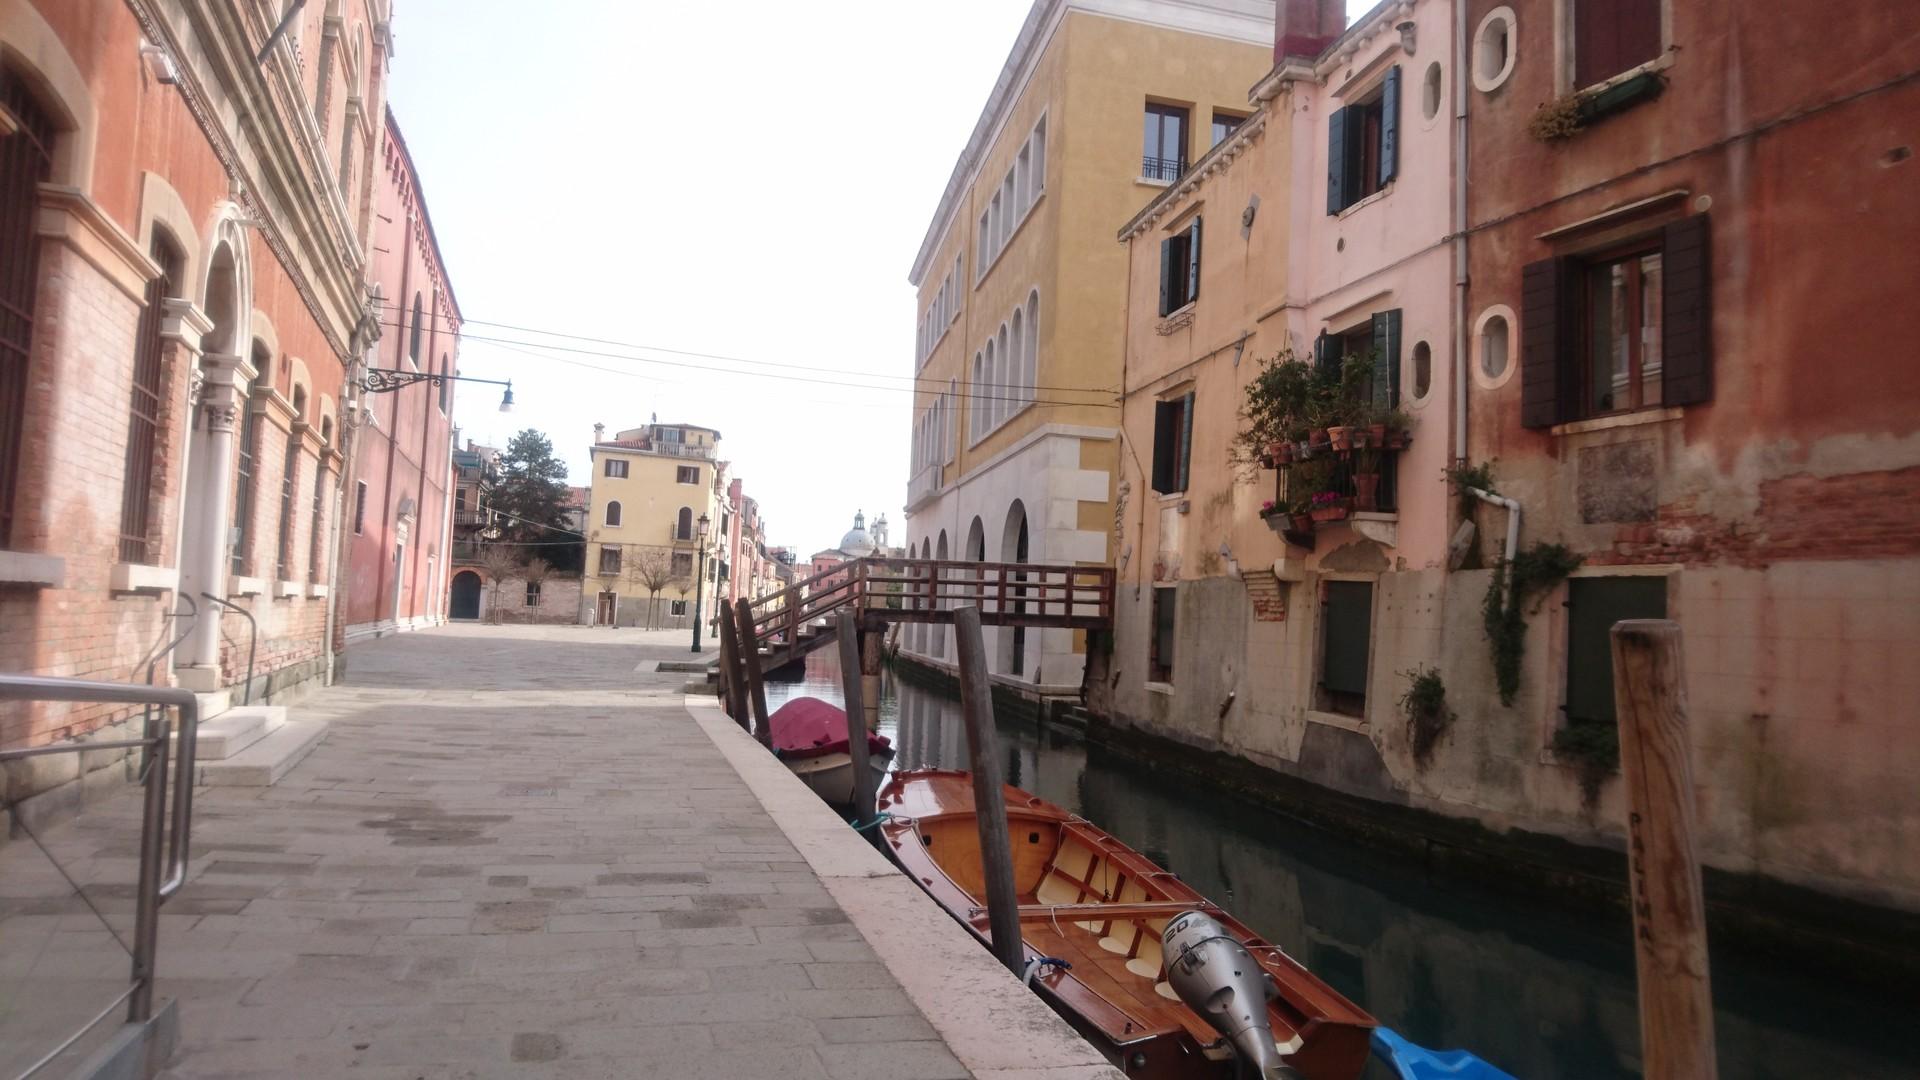 Erasmus à Venise : J'ai attrapé le coronavirus pour mon anniversaire ?